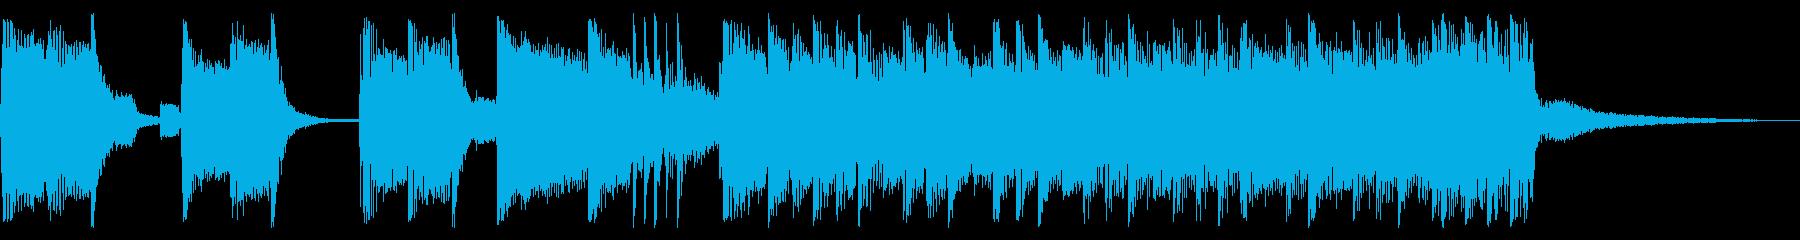 パンキッシュなロックジングル02の再生済みの波形